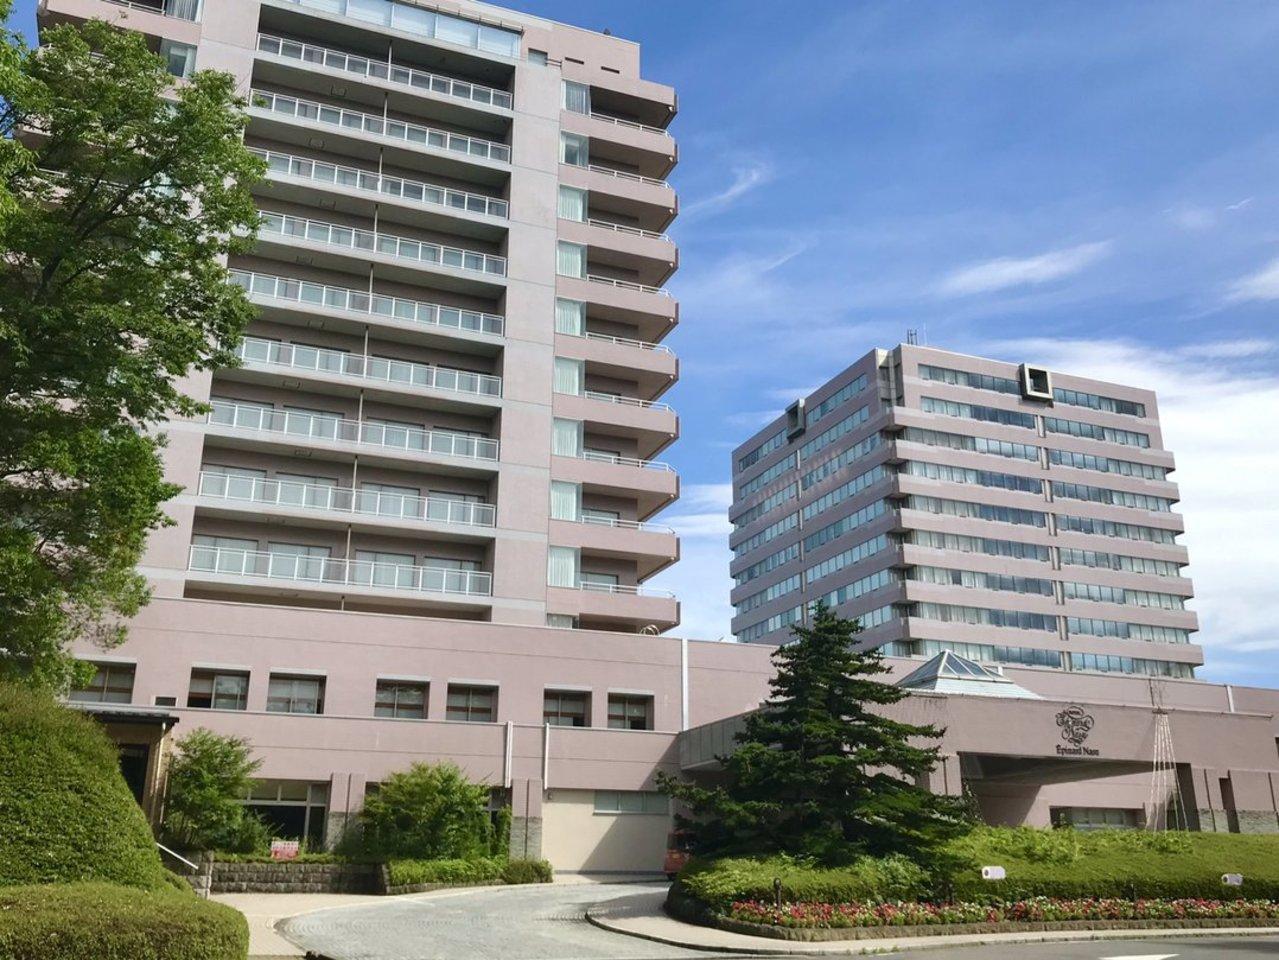 栃木県那須郡の『ホテルエピナール那須』